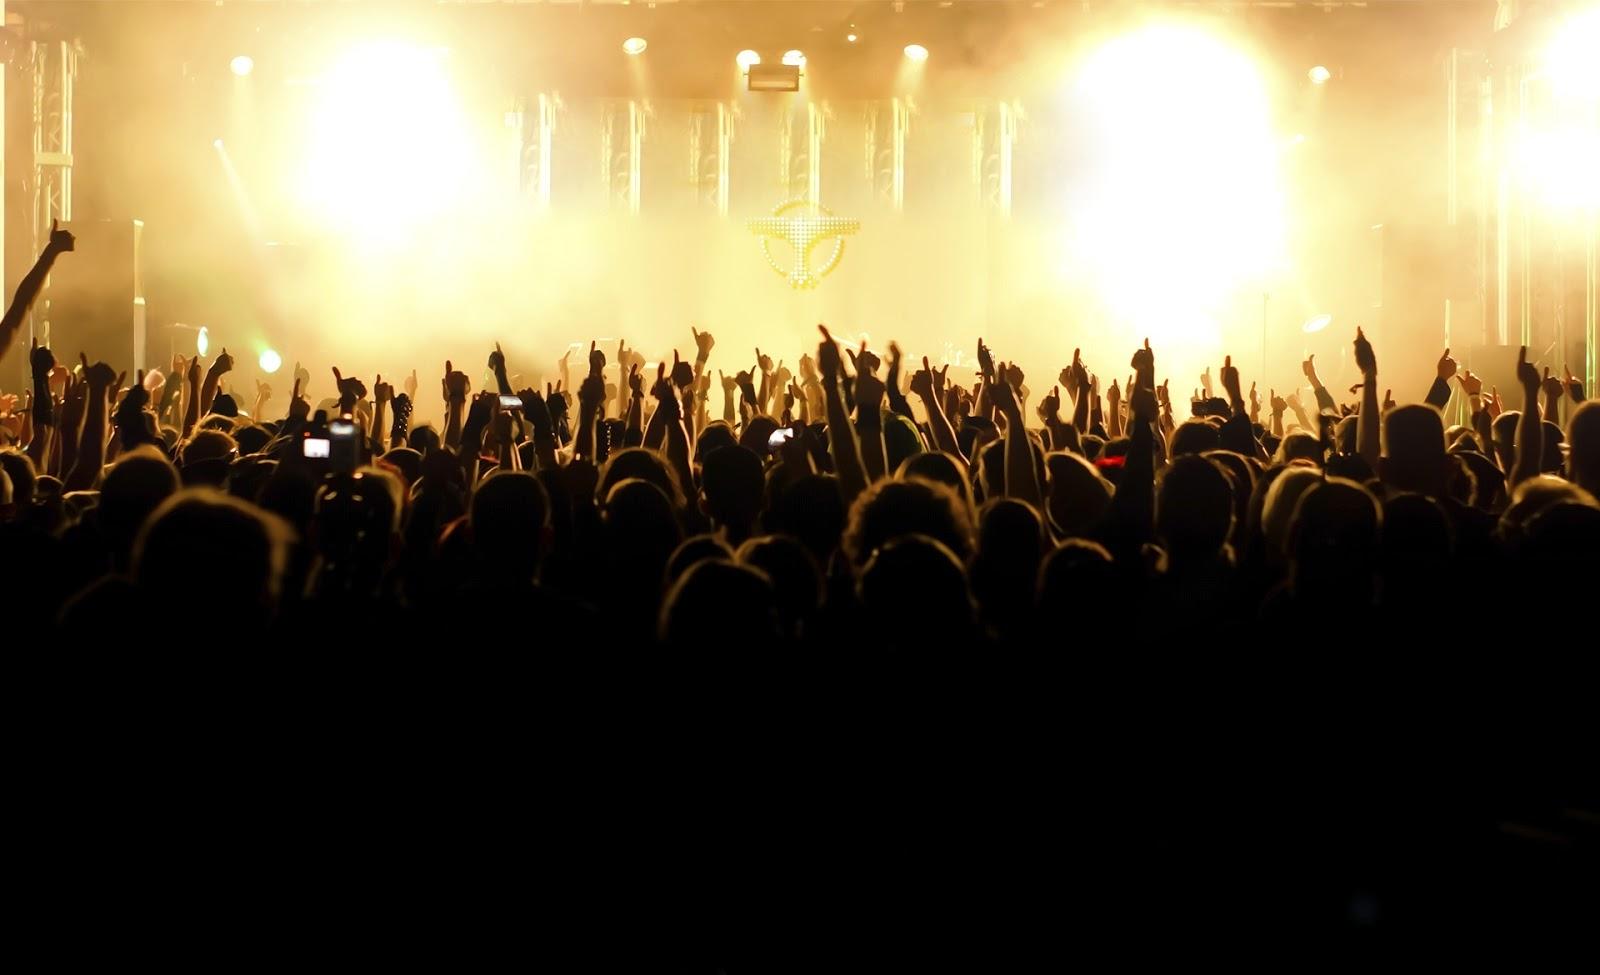 http://www.hercampus.com/sites/default/files/2013/11/20/hd-wallpapers-tiesto-concert-1600x975-wallpaper.jpg